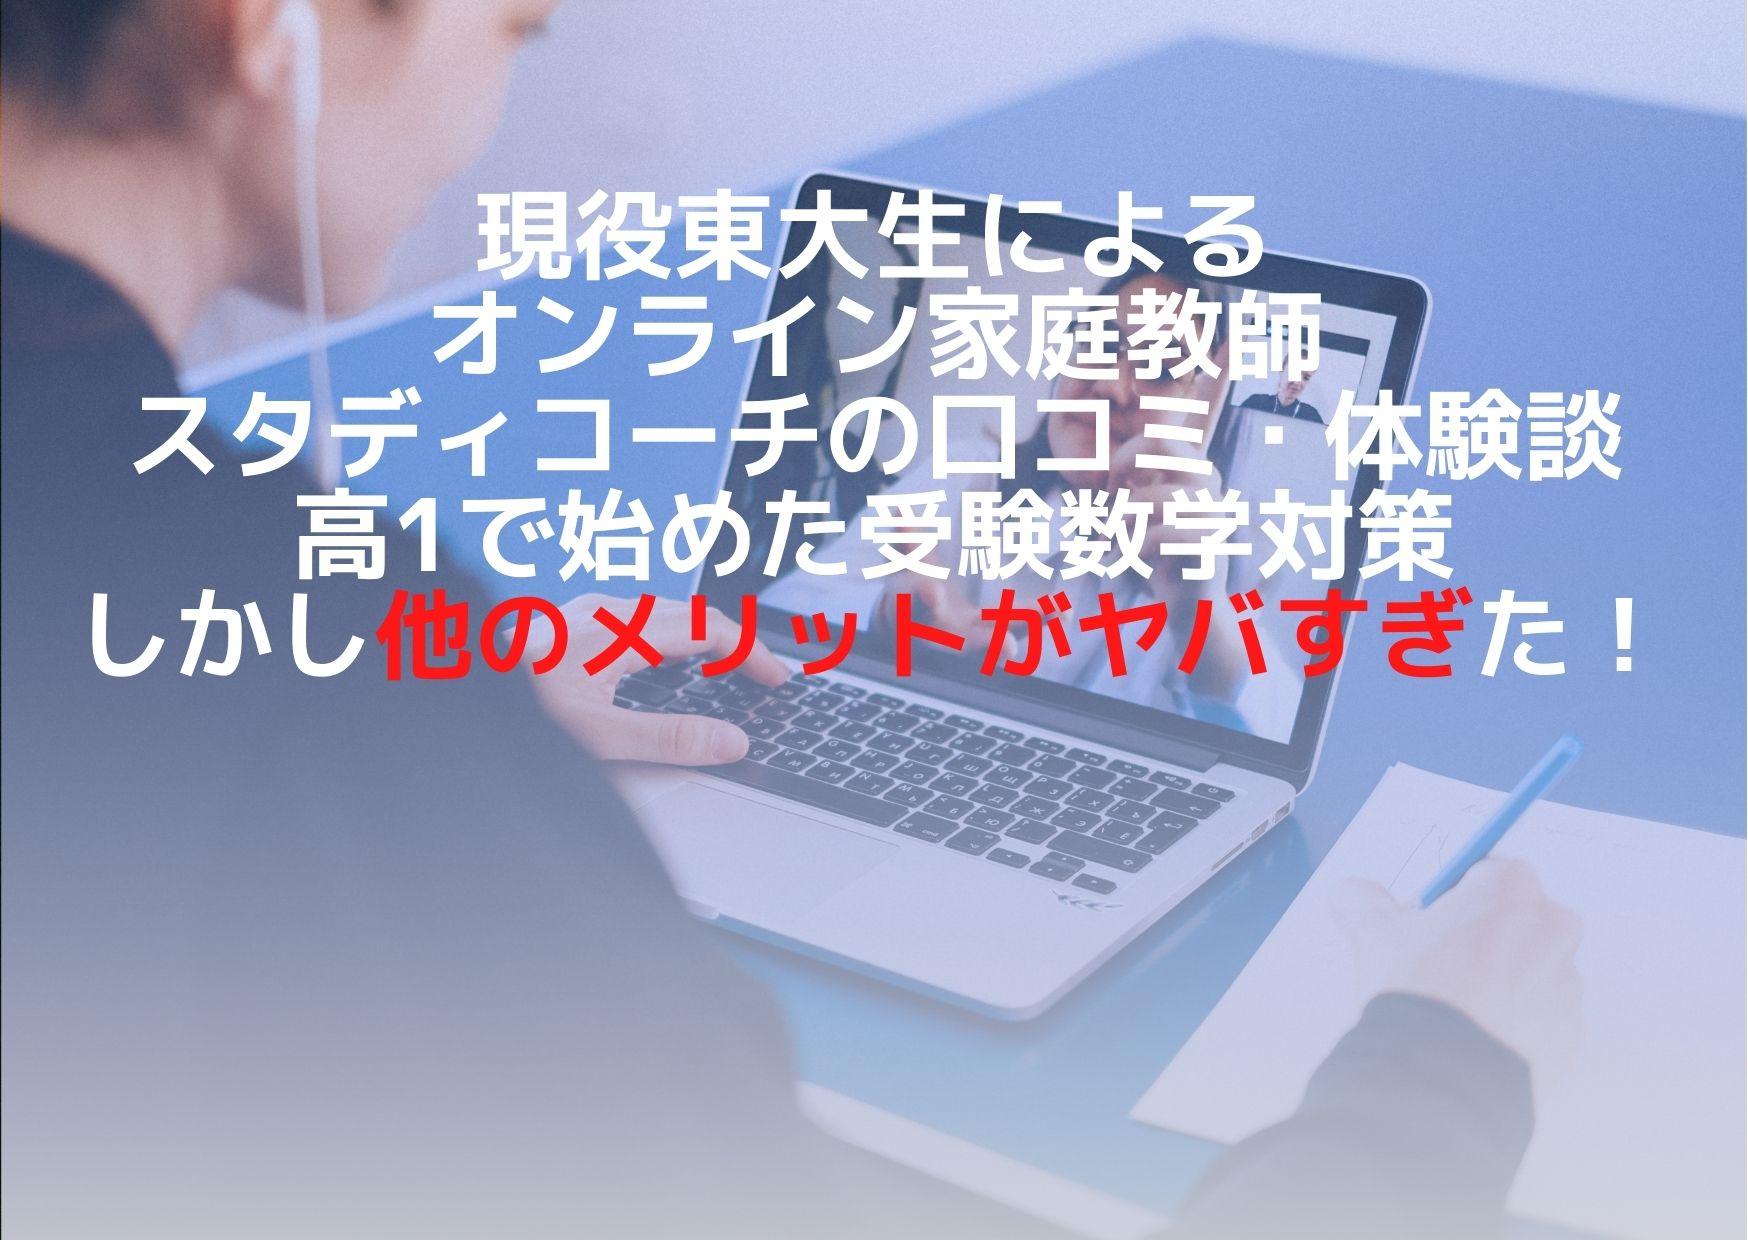 スタディコーチの口コミ・体験談 東大生の指導以外に受けられたメリットがヤバイ!